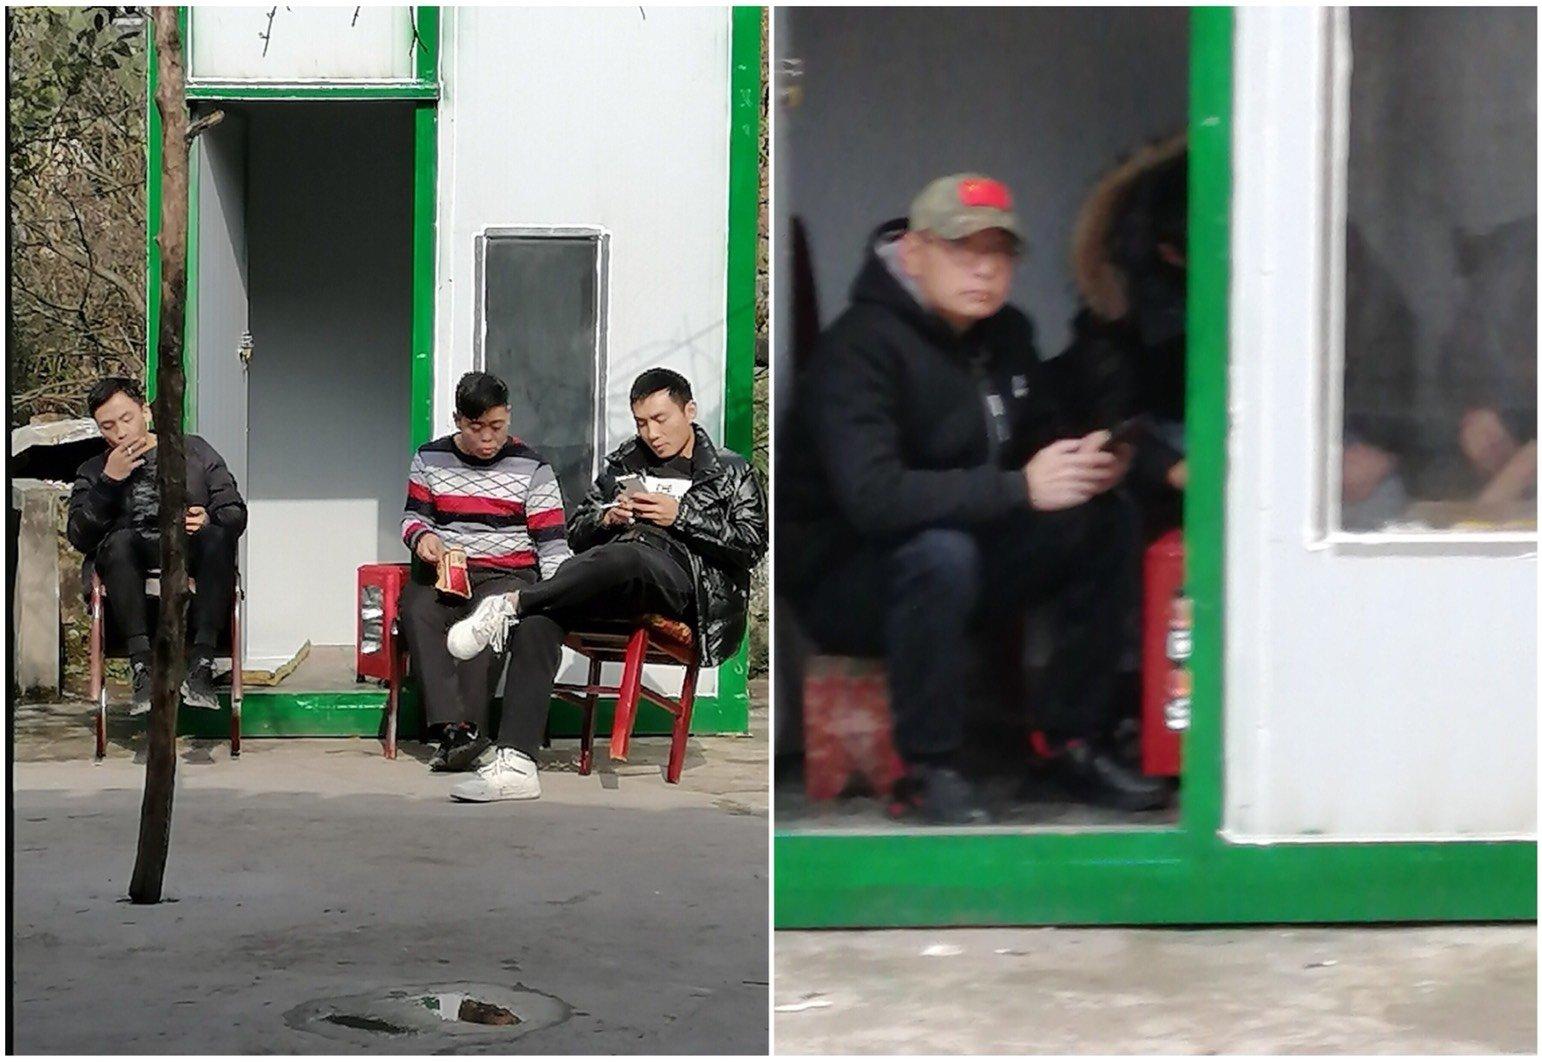 重慶市北碚區蔡家崗街道在肖成林租屋處外面有一間崗哨站,是用來給監控他的這些黑保安休息用的。(受訪者提供/大紀元合成)